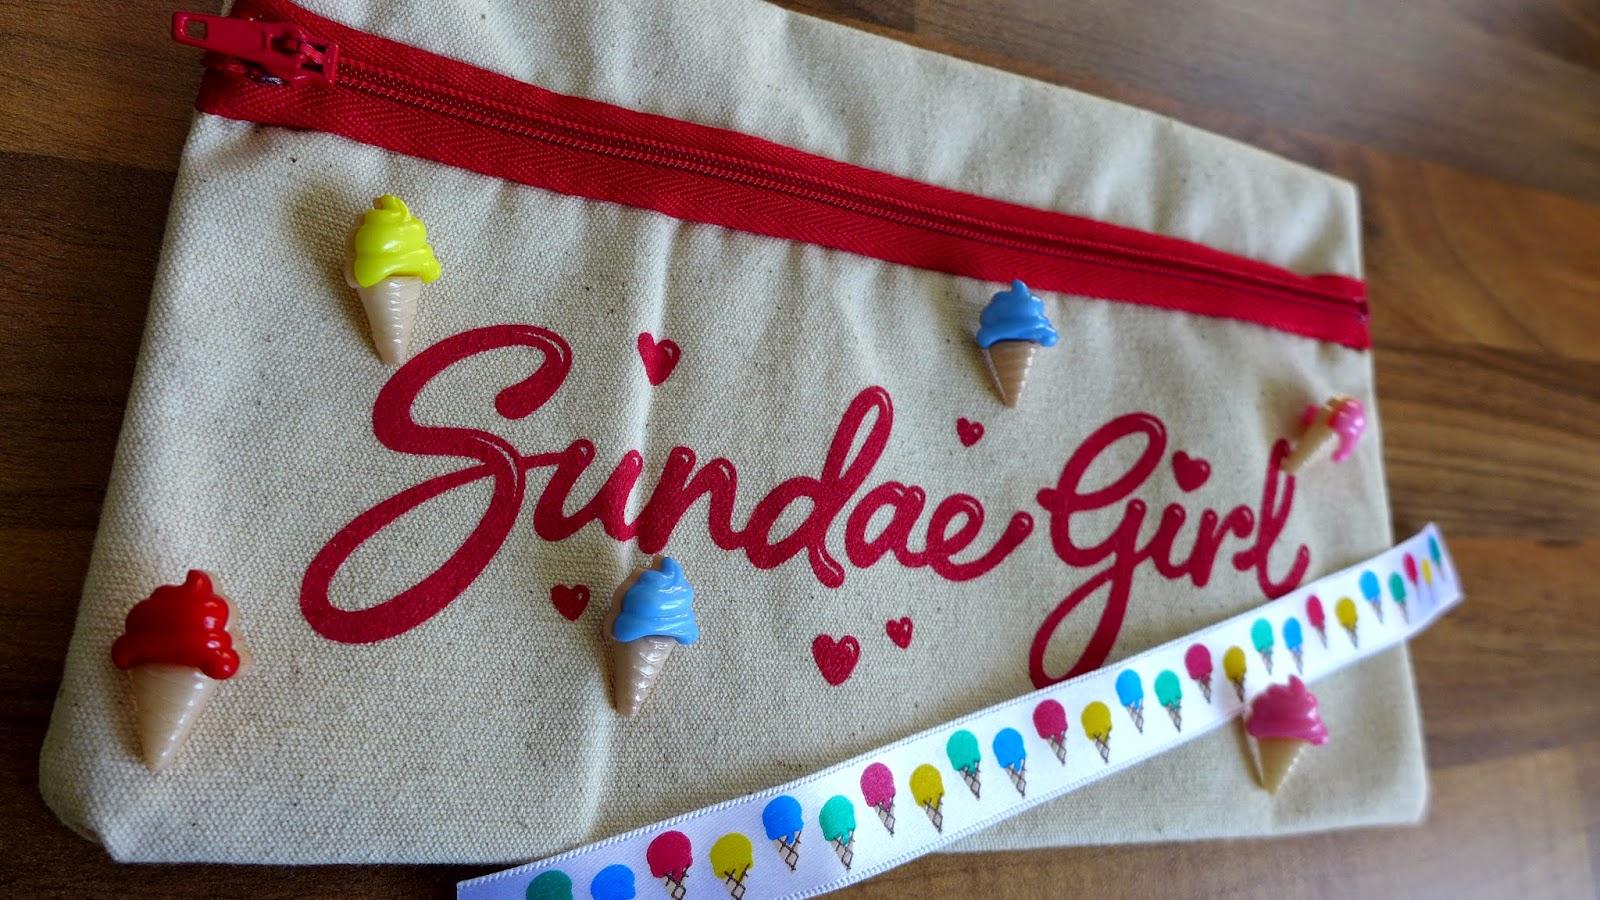 Sundae Girl